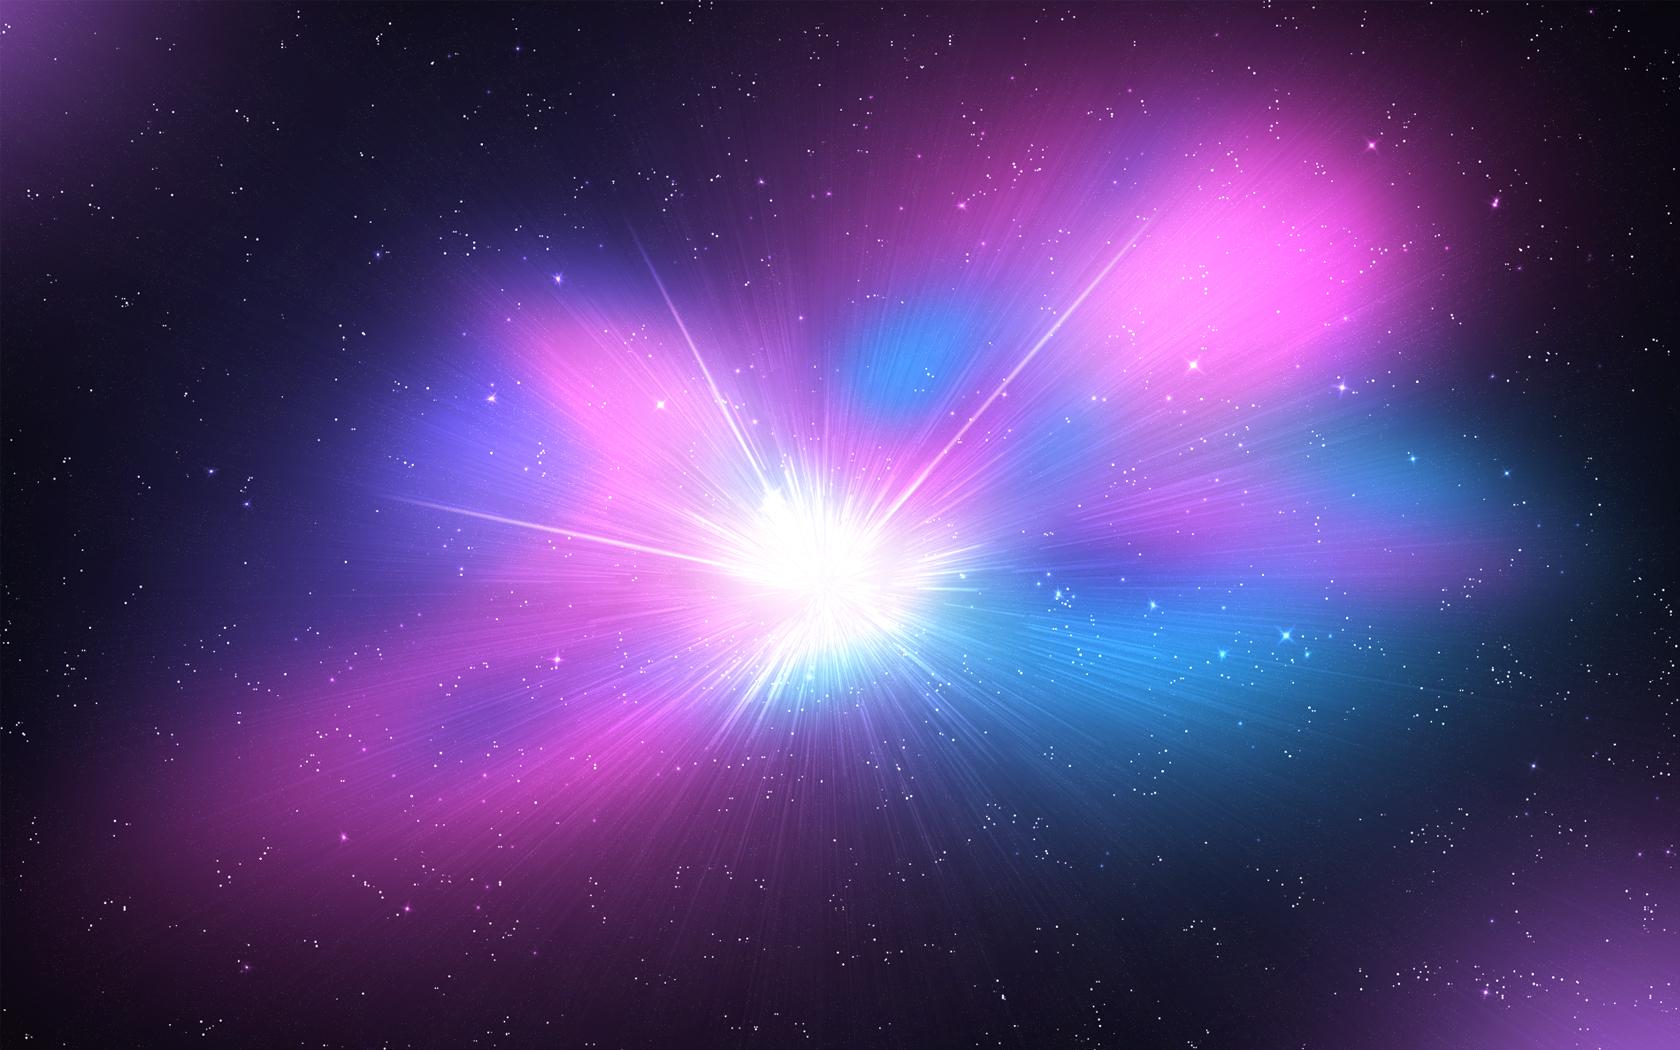 El espacio y galaxias - 1680x1050